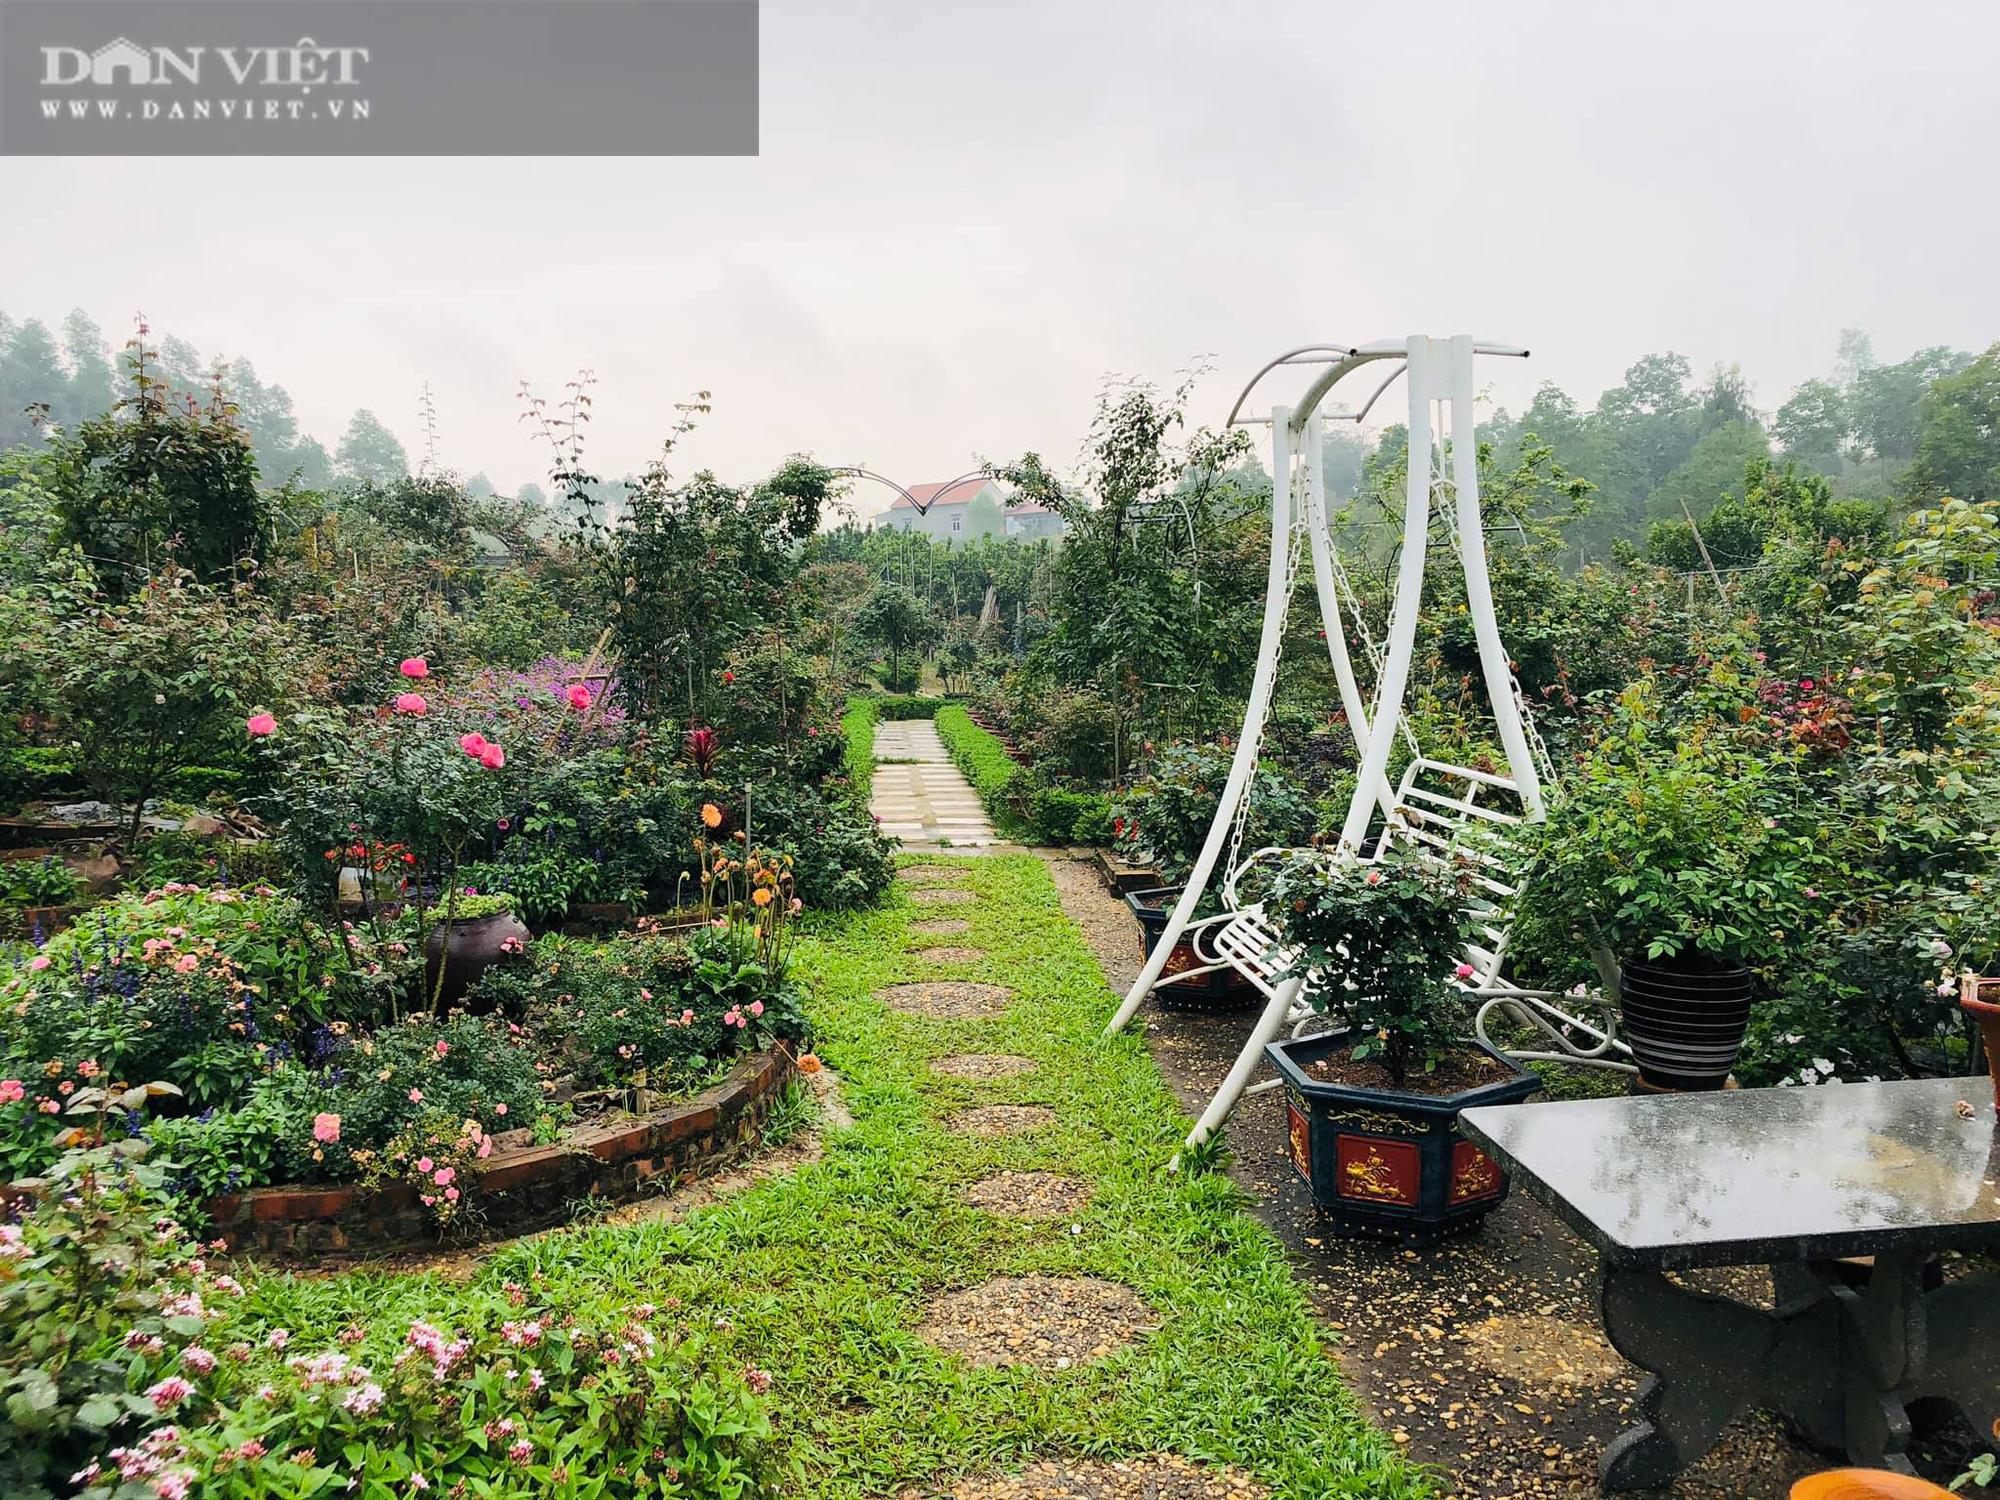 Phú Thọ: Học hết cấp 3, 9X về trồng hoa hồng không những có vườn đẹp còn thu 50 triệu đồng/tháng - Ảnh 5.